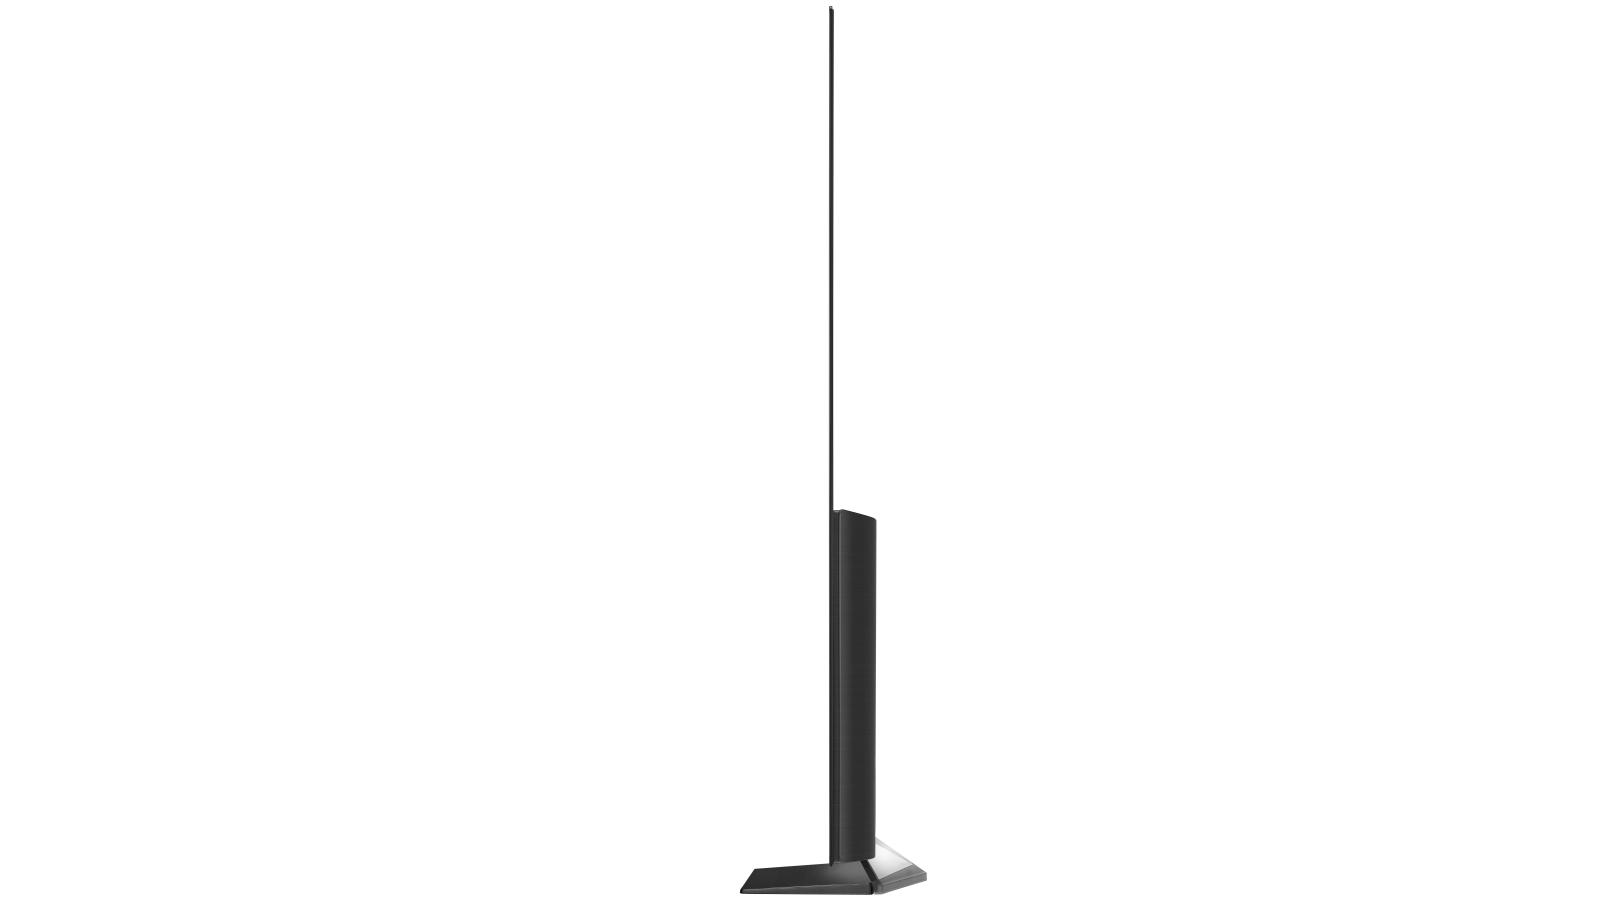 LG 55-inch B8 4K UHD OLED AI ThinQ Smart TV